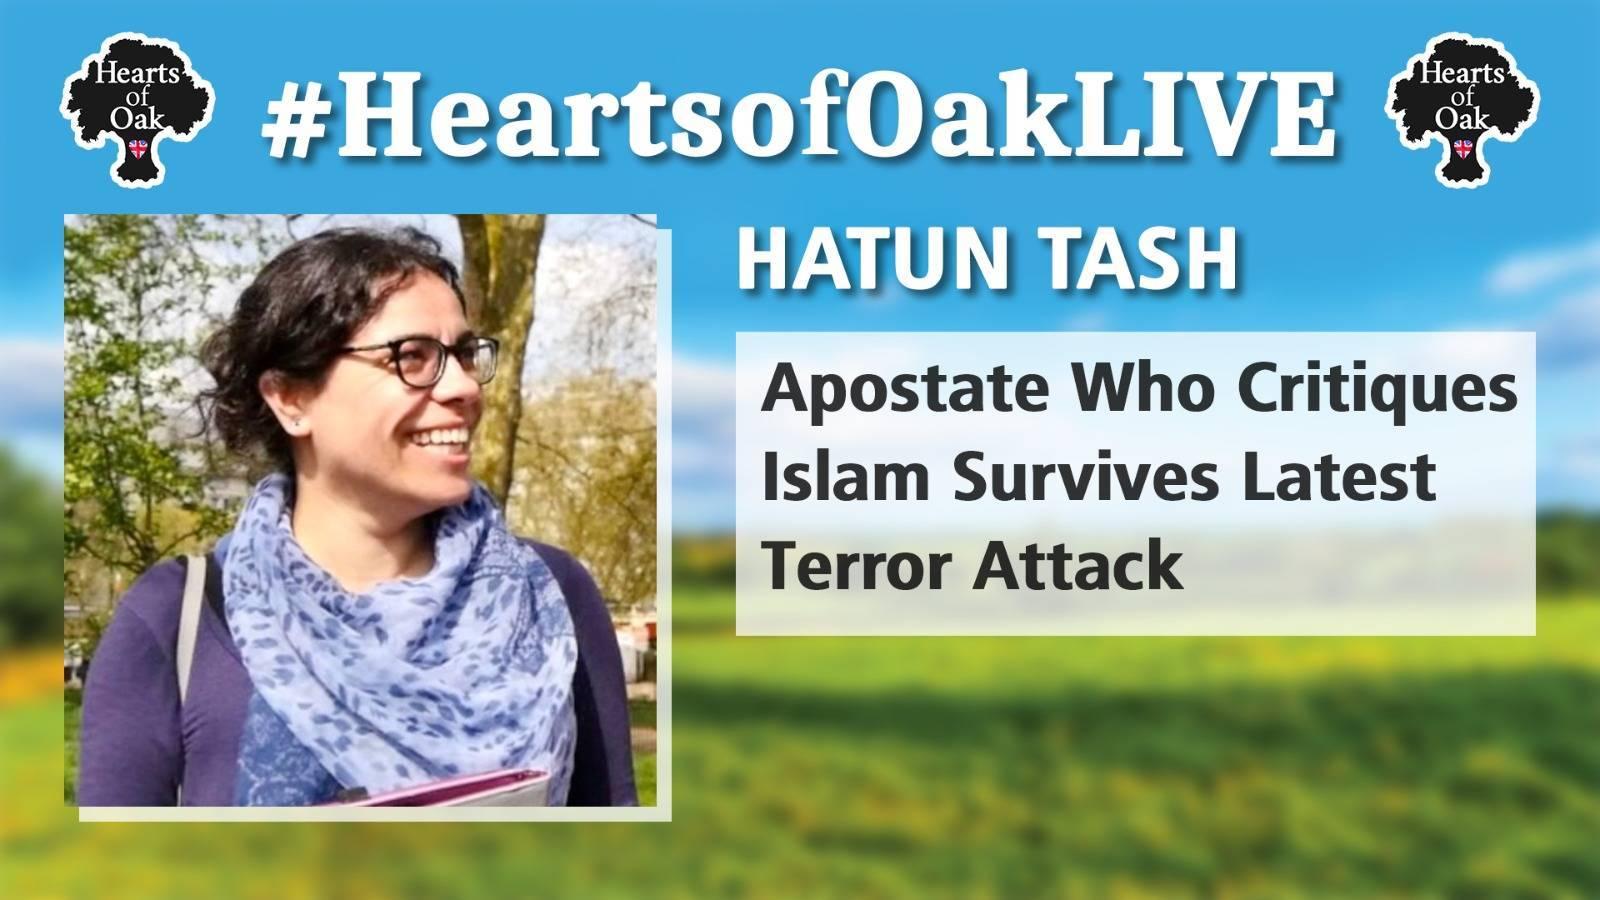 Hatun Tash - Apostate Who Critiques Islam Survives Latest Terror Attack